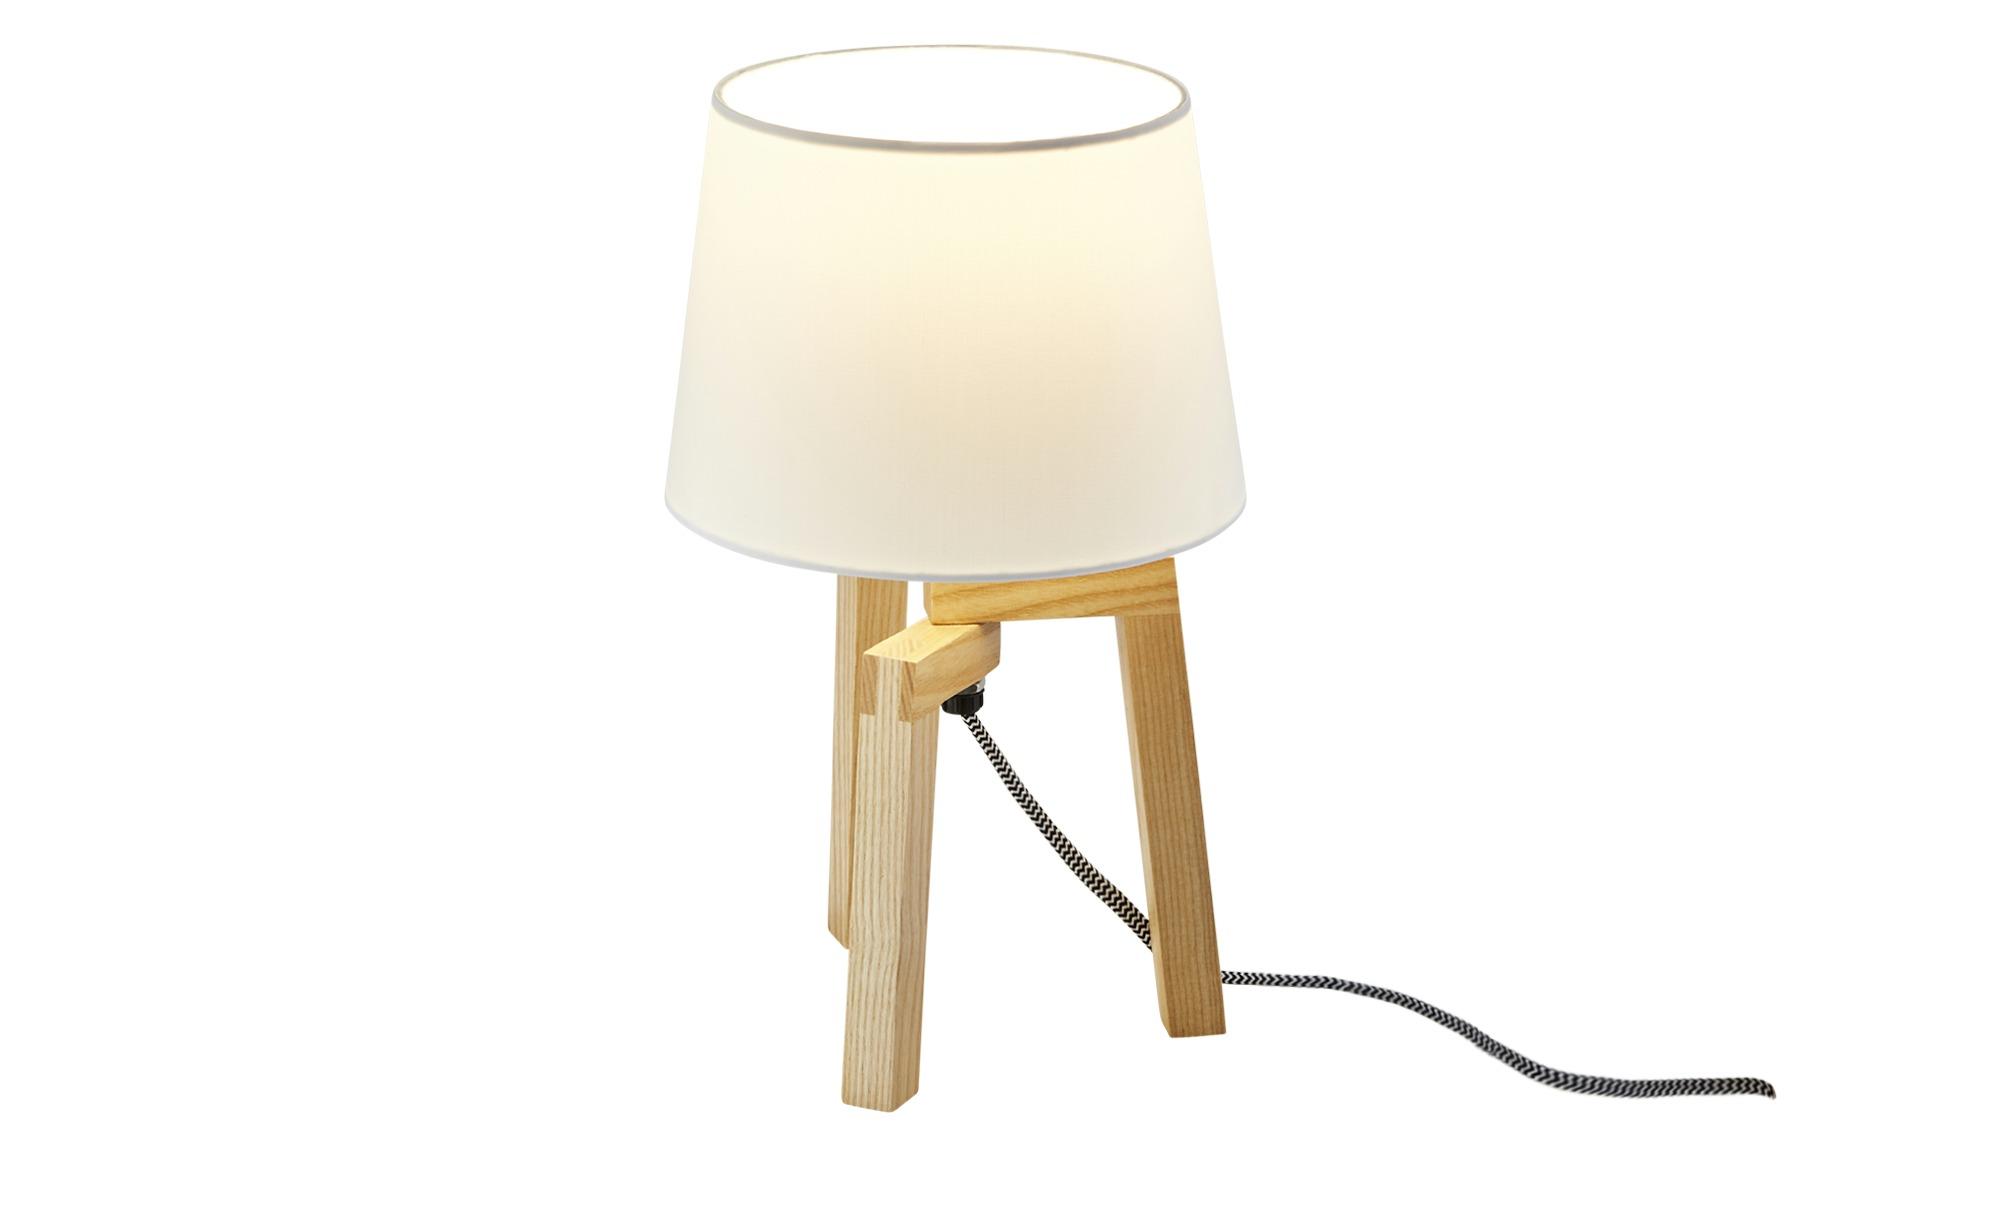 Tischleuchte, 1-flammig ¦ braun ¦ Maße (cm): H: 30 Ø: [17.0] Lampen & Leuchten > Innenleuchten > Tischlampen - Höffner